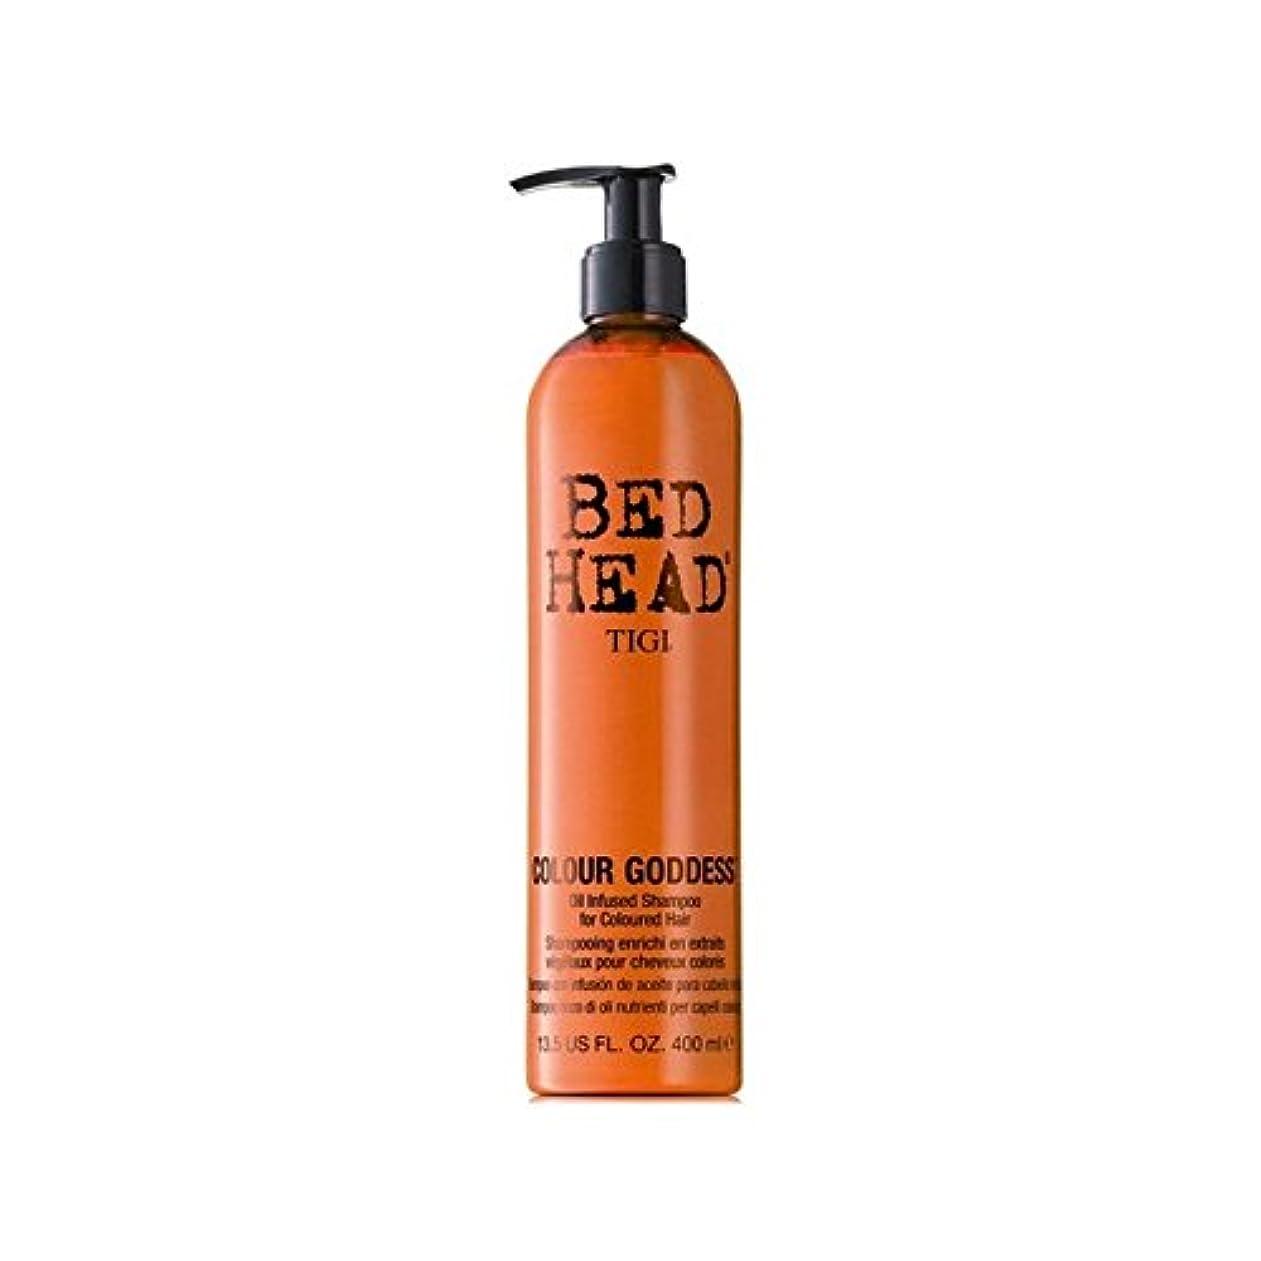 全員熟読する迷彩Tigi Bed Head Colour Goddess Shampoo (400ml) - ティジーベッドヘッドカラー女神シャンプー(400ミリリットル) [並行輸入品]